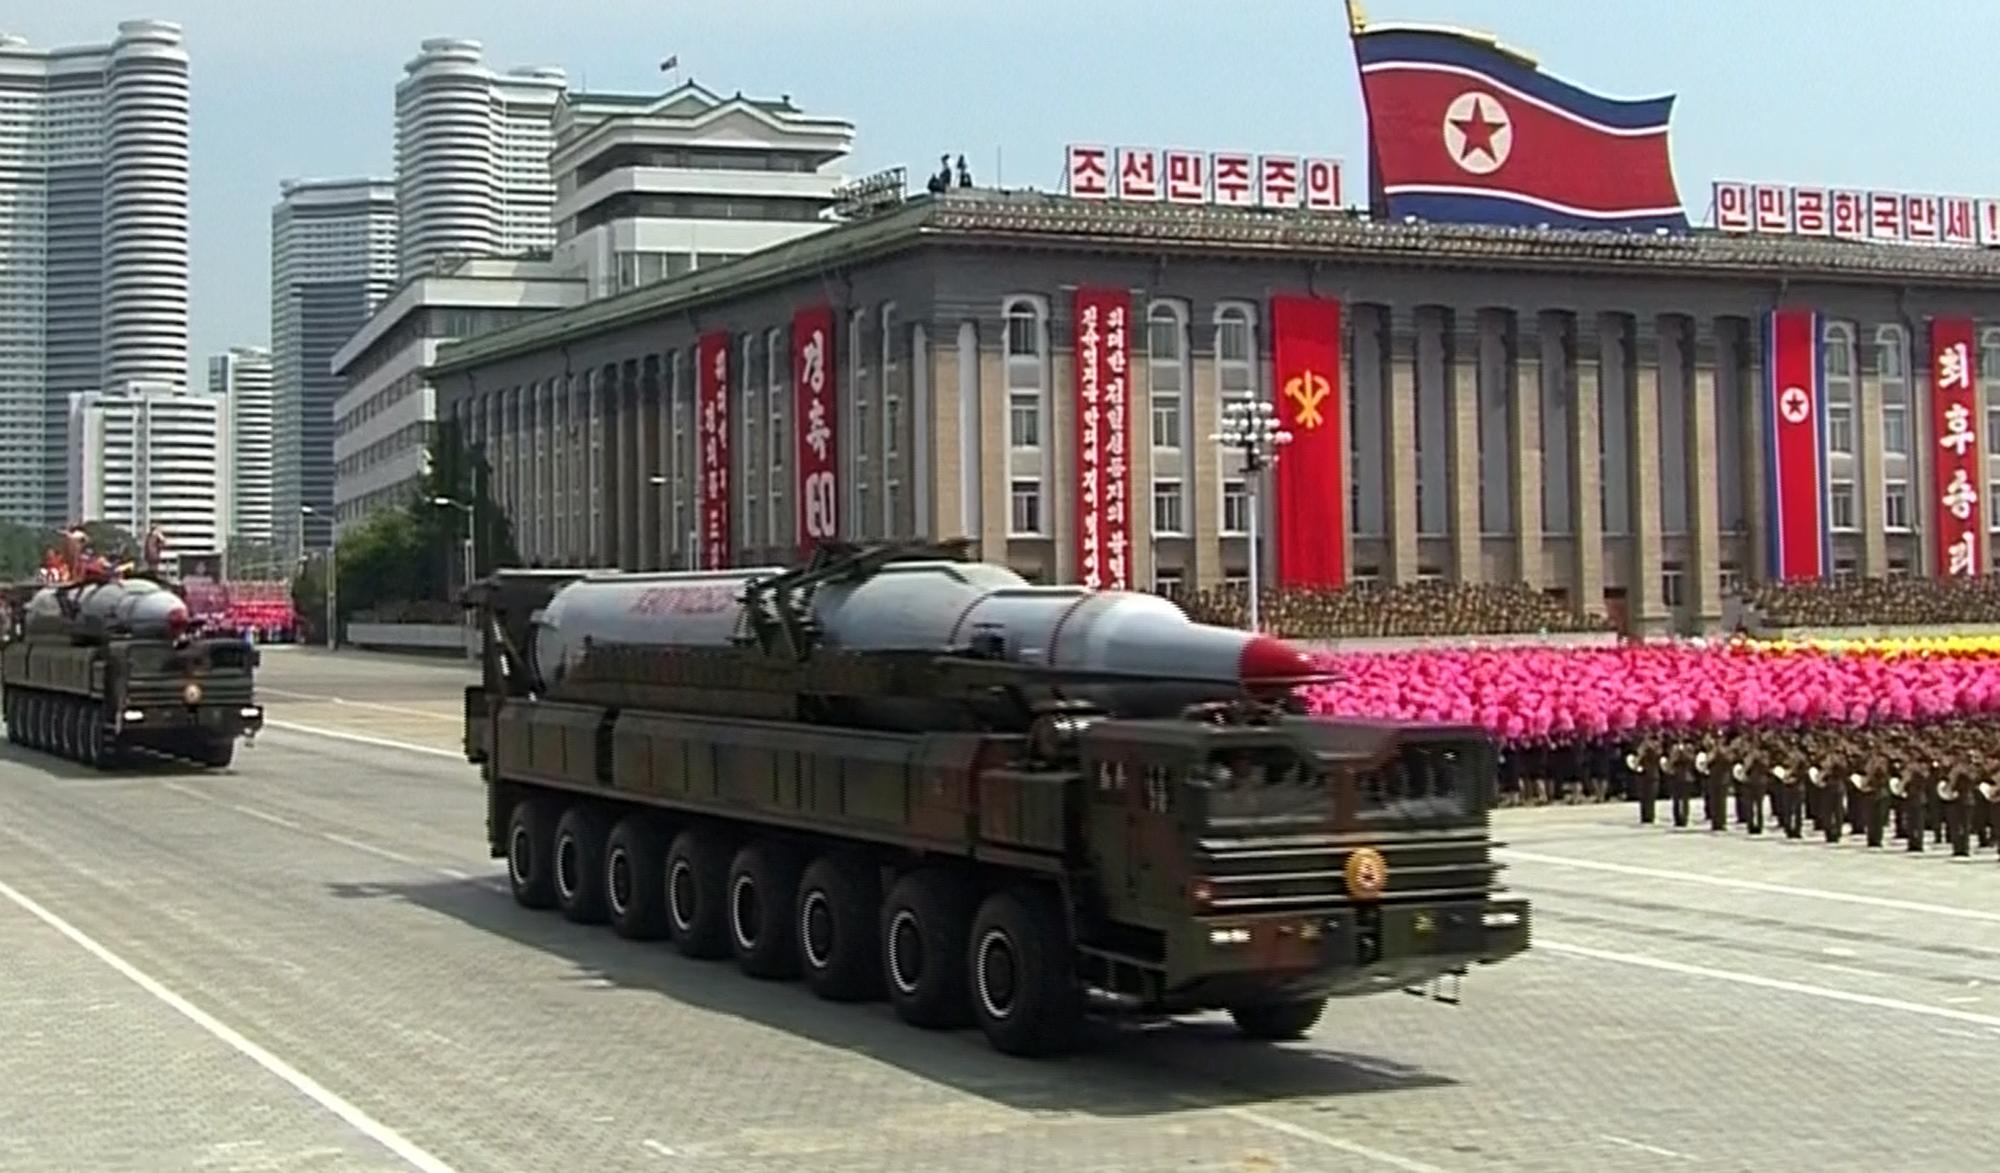 كوريا الشمالية تتوعد برفع قدراتها النووية للرد على التهديد الامريكي